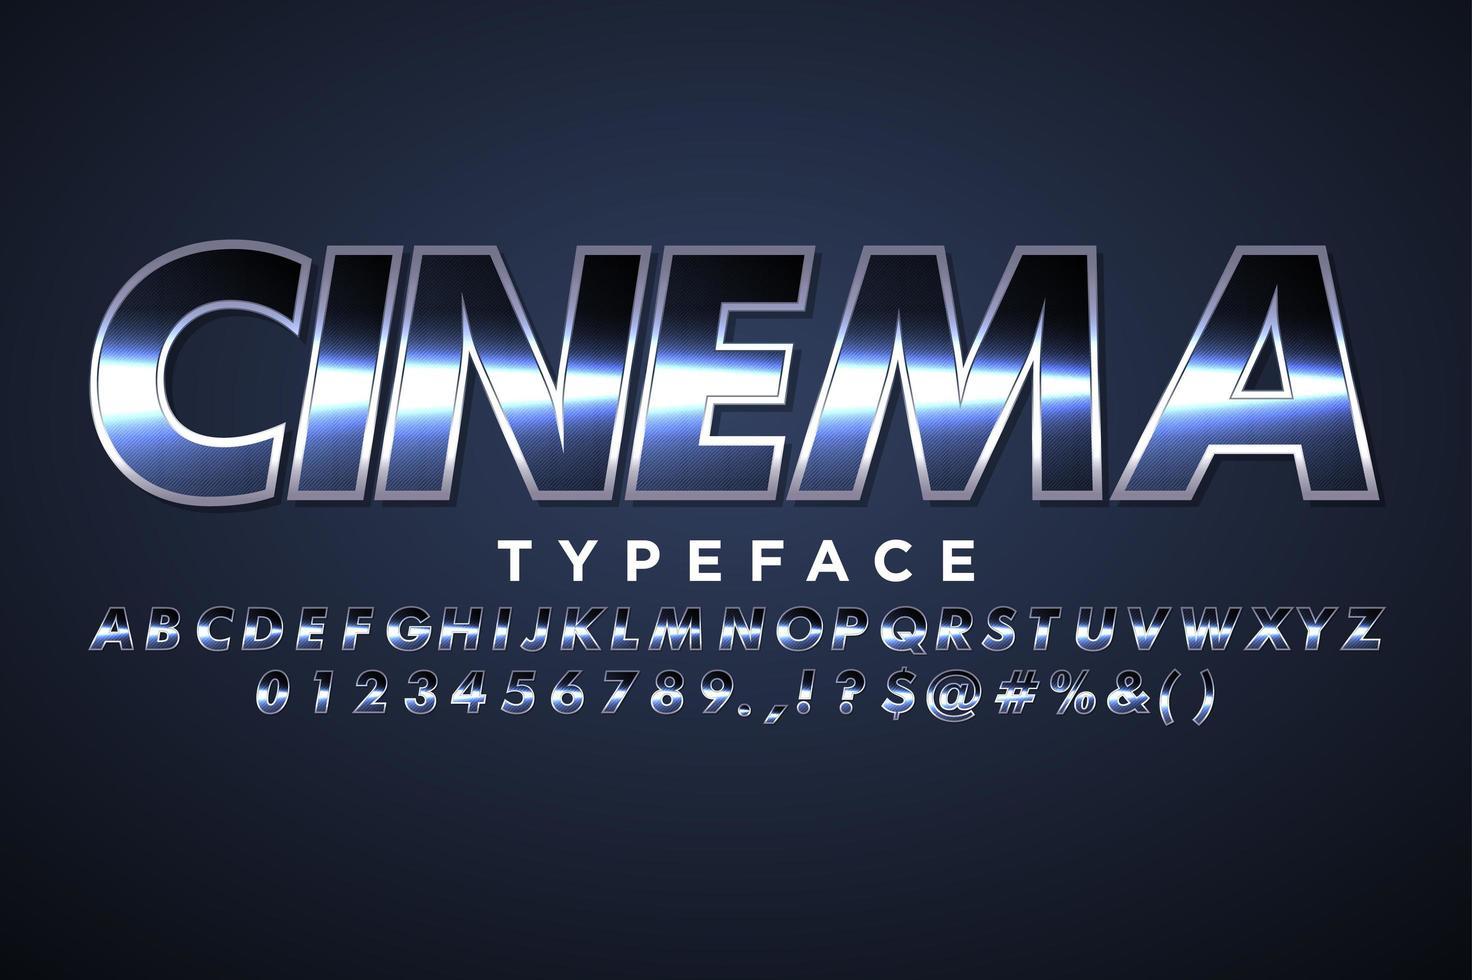 Alfabeto moderno con efecto cinematográfico para banner de película vector